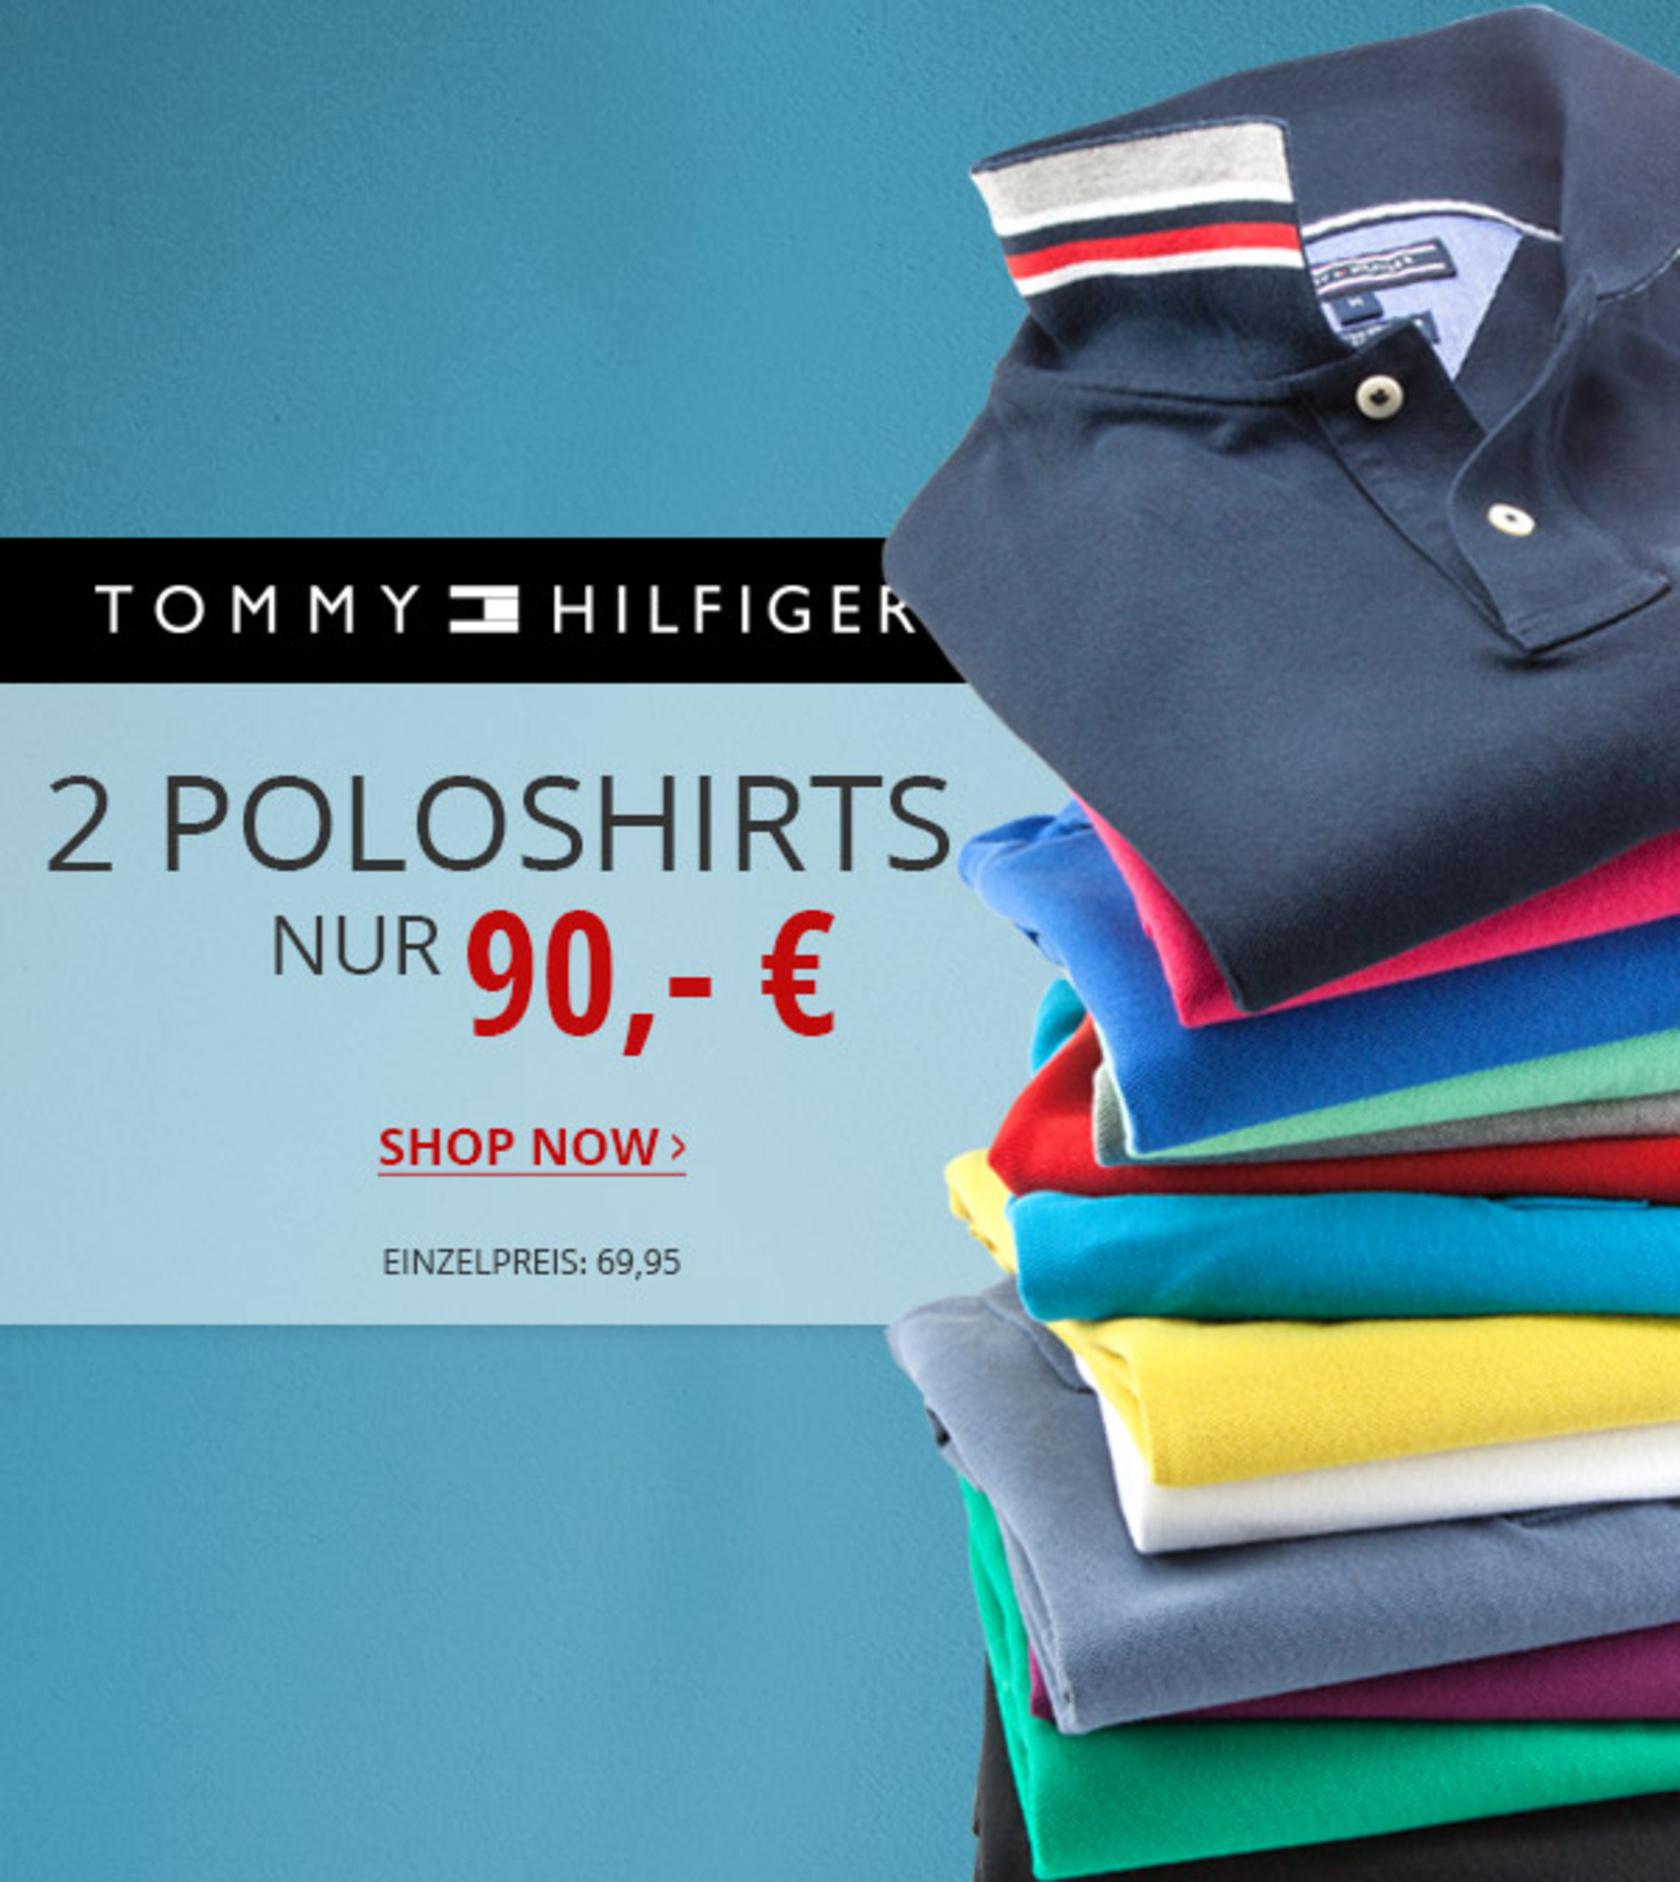 2x GANT oder Tommy Hilfiger Poloshirt 80 Euro inkl. Versand mit 10€ Newsletter --> sehr viele Farben (S-XXL)